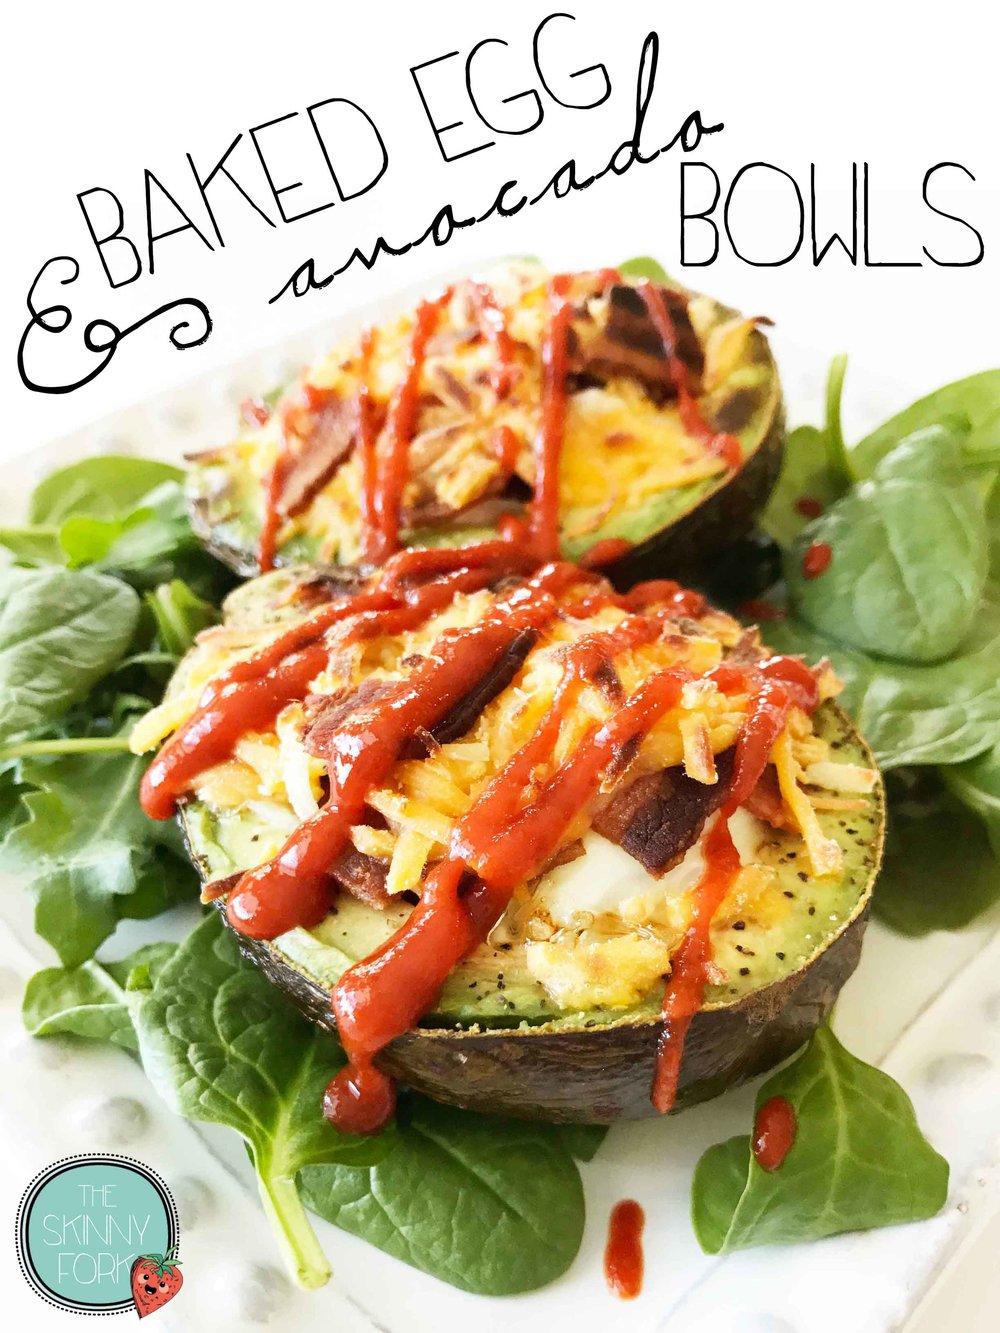 baked-egg-avocado-bowls-pin.jpg